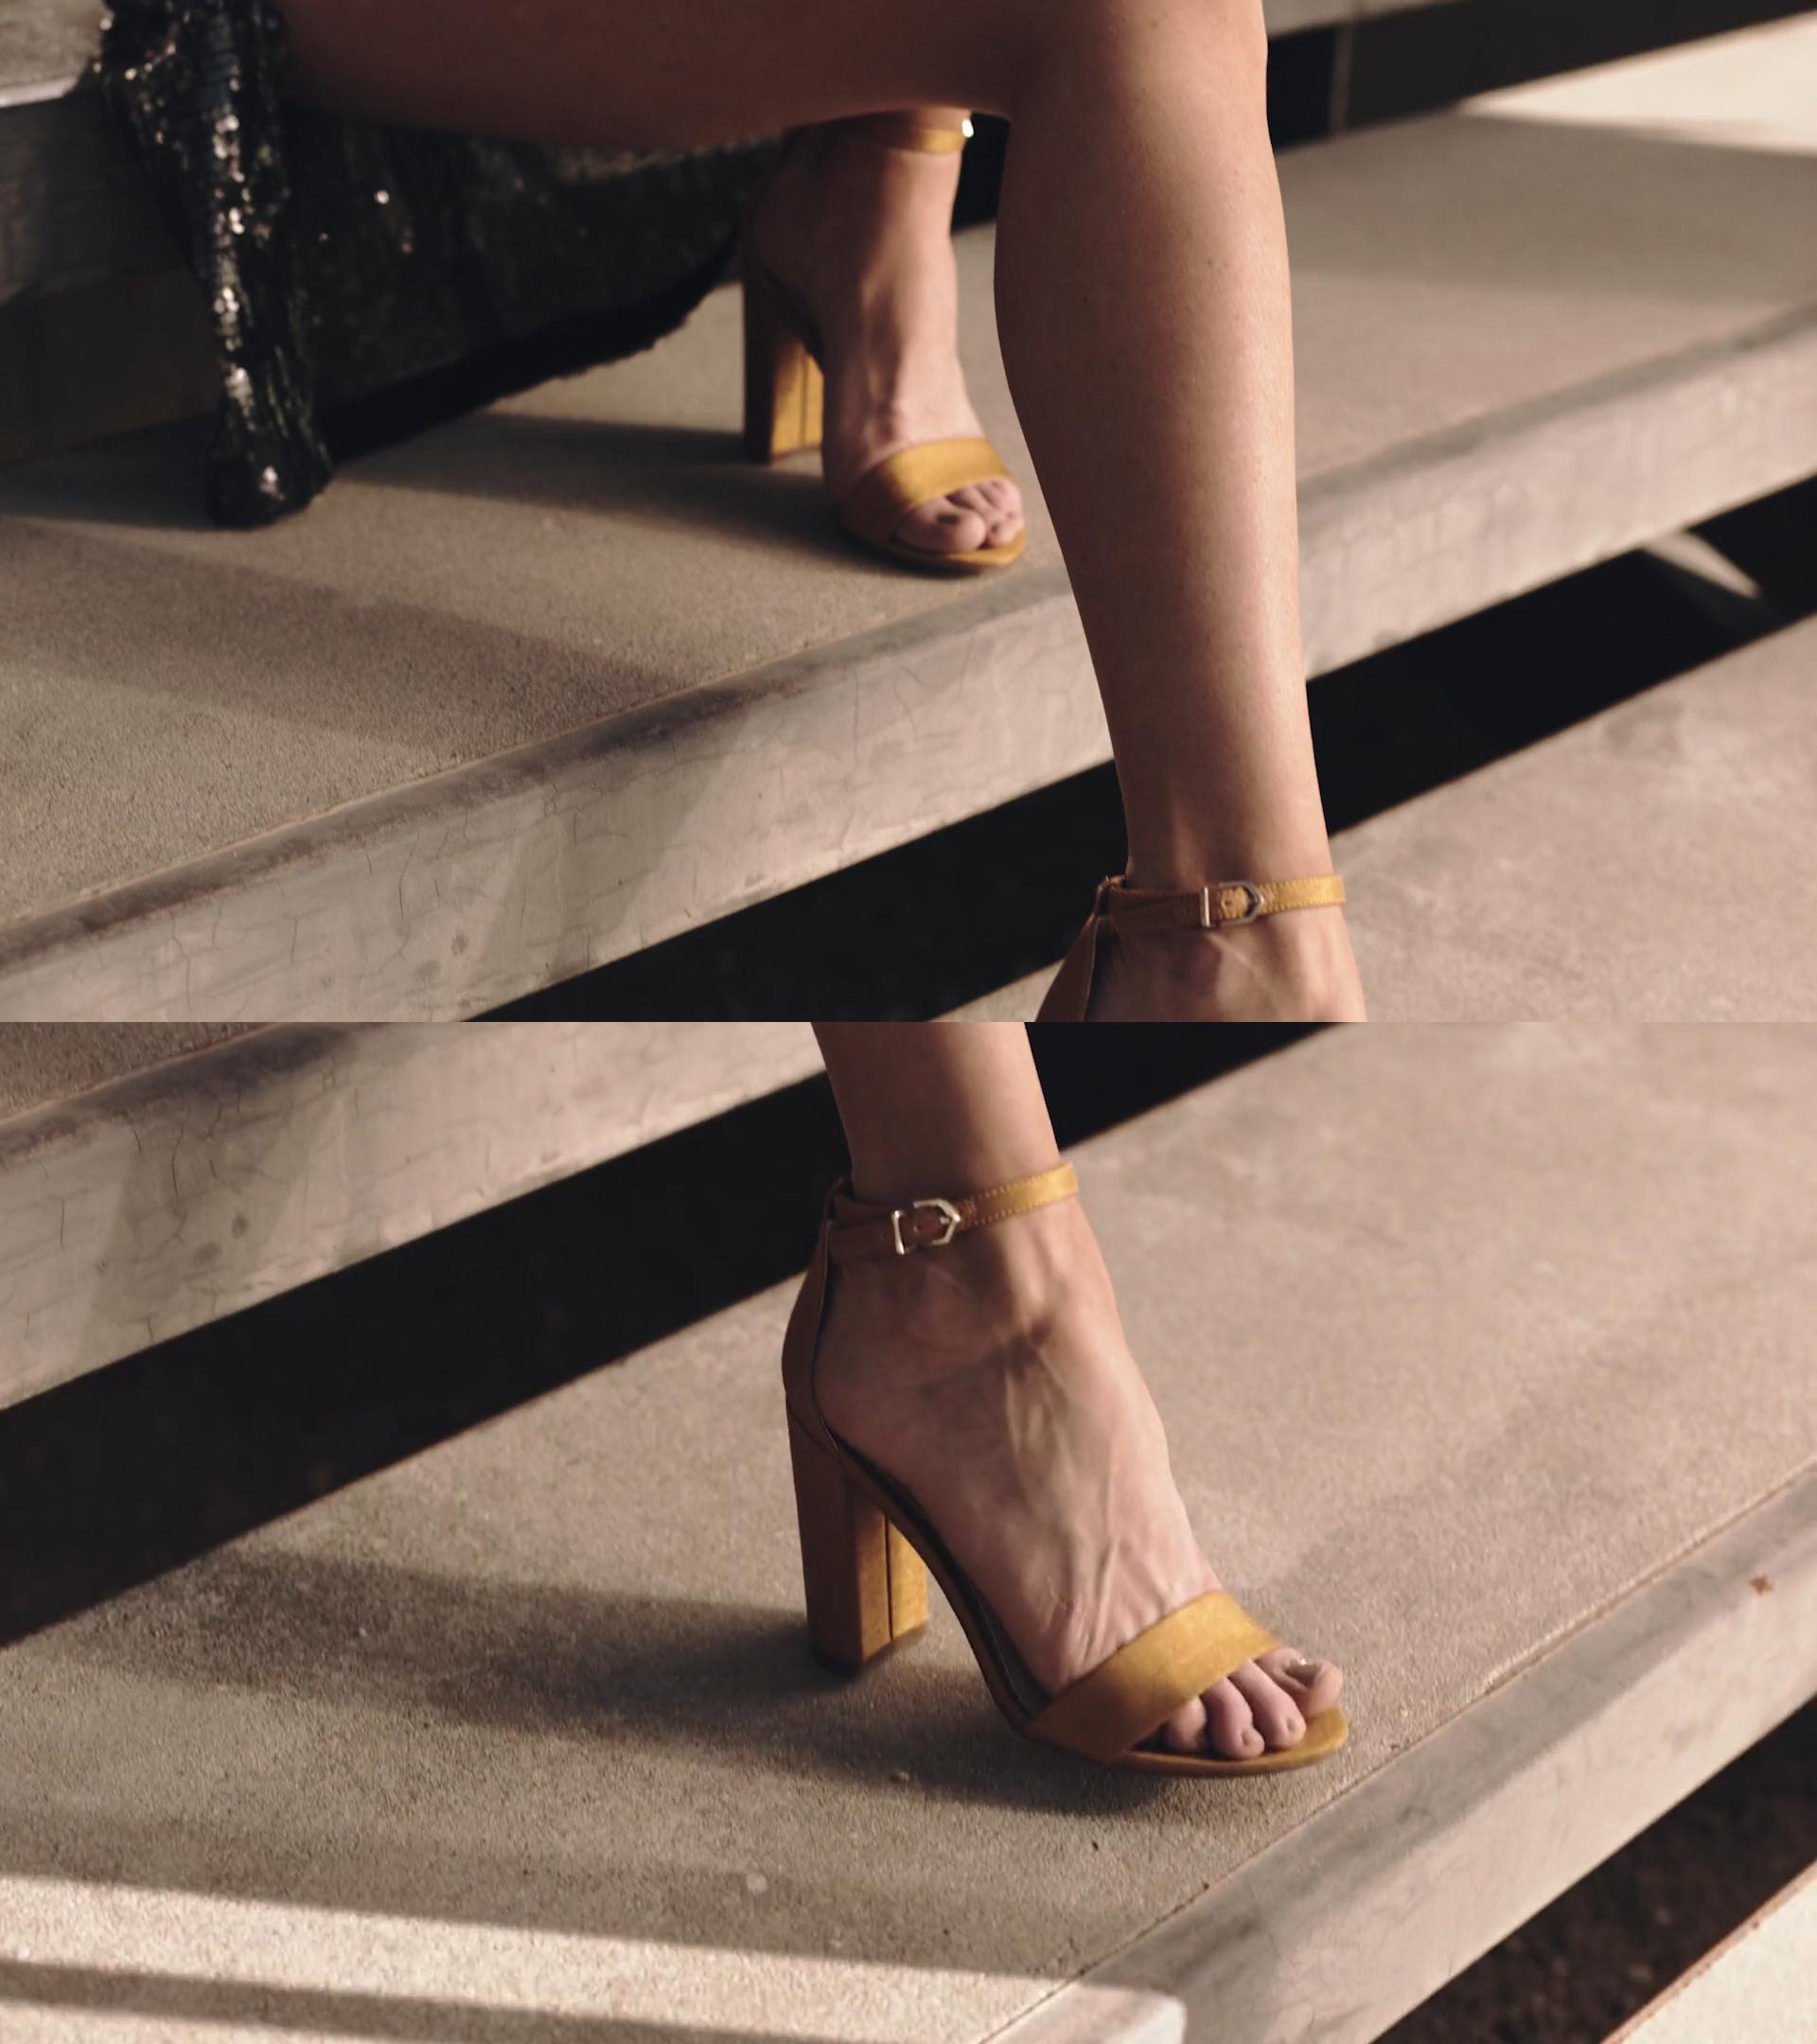 Feet Carolyn Murphy nude photos 2019